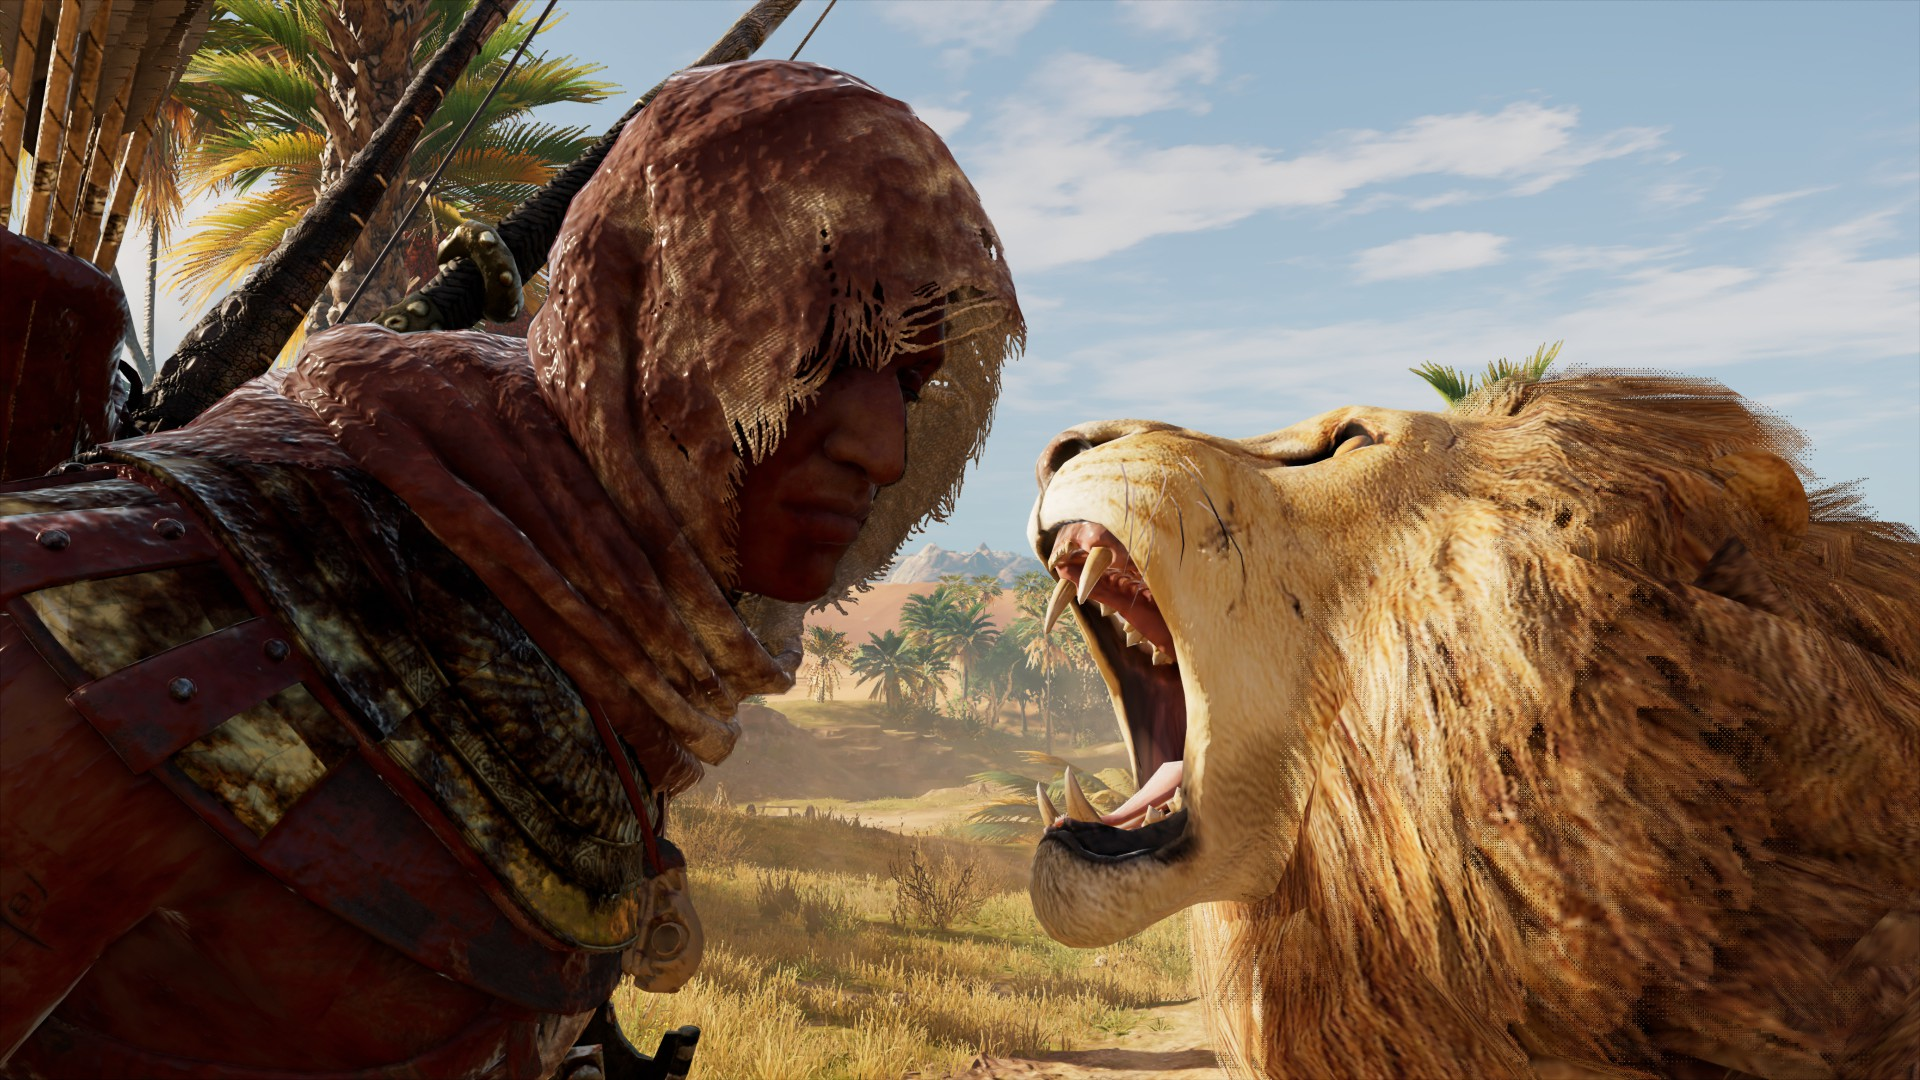 20171031232457_1.jpg - Assassin's Creed: Origins